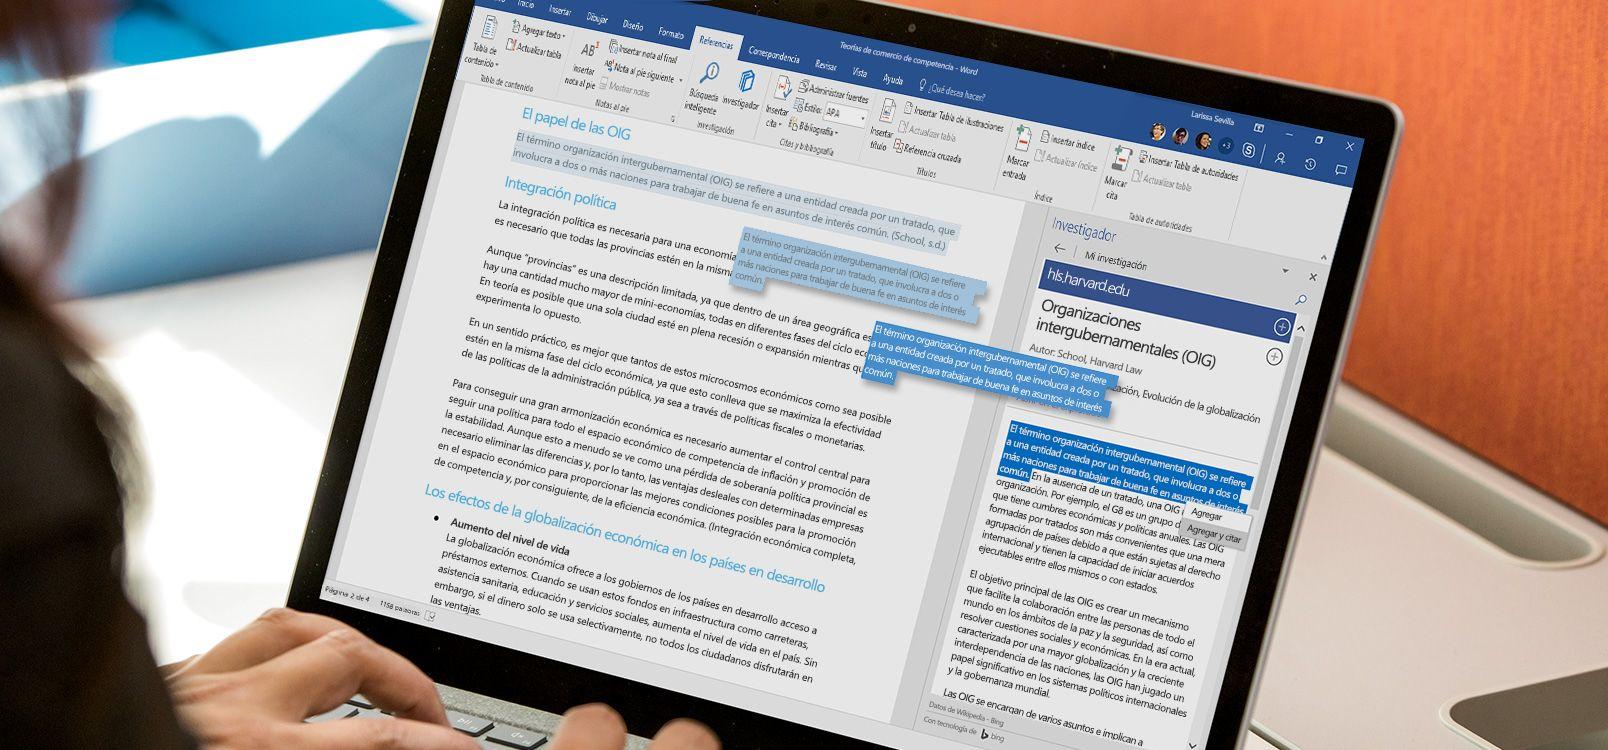 Pantalla de un portátil en la que se muestra un documento de Word en el que se está usando la característica Investigador